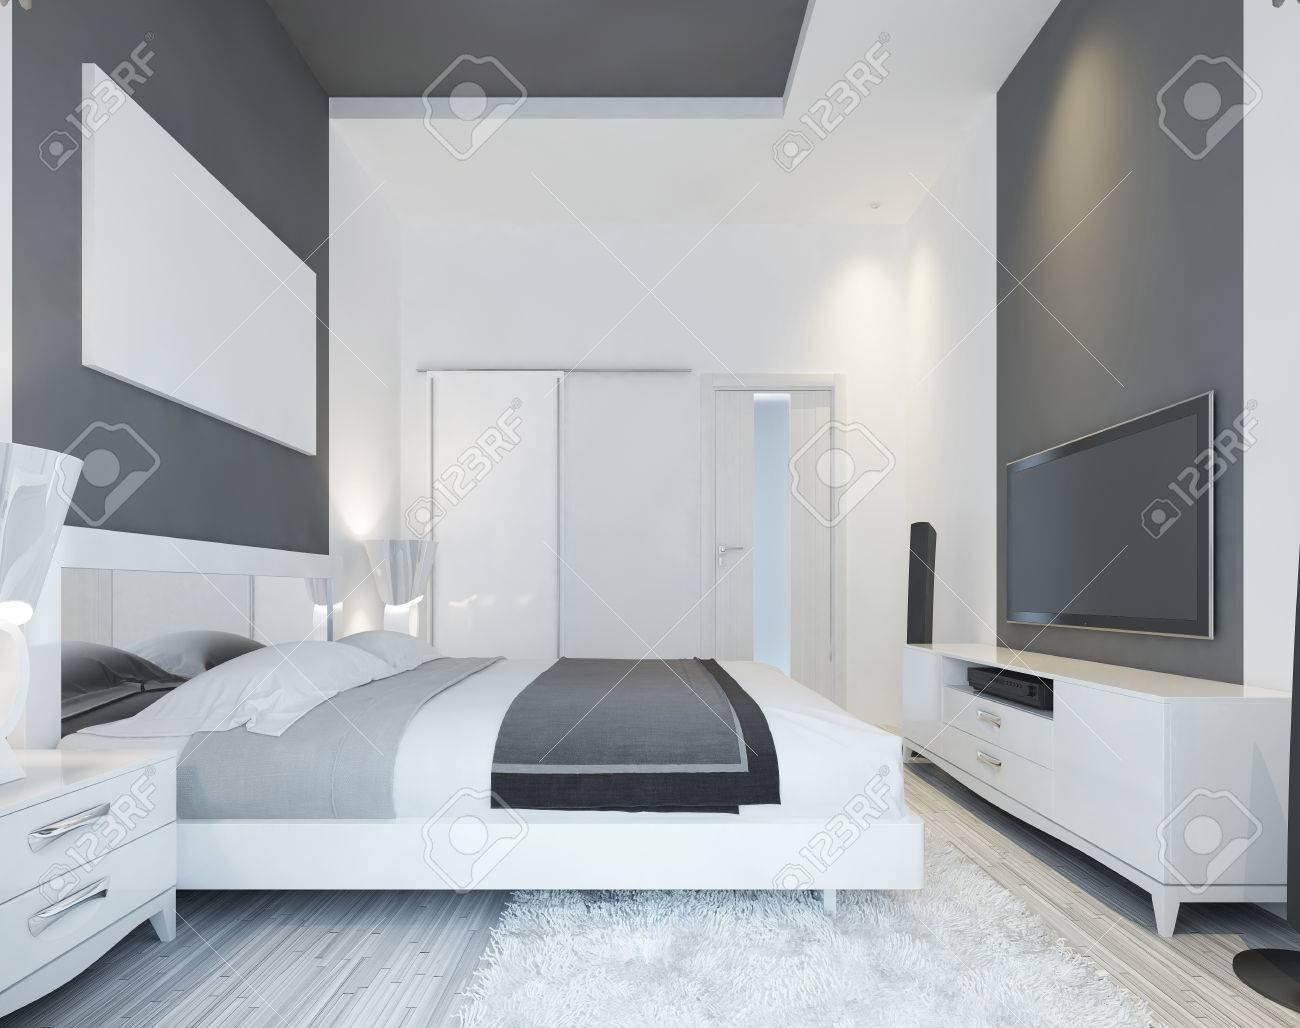 Luxus Schlafzimmer Mit Einem Bett In Einem Modernen Stil Aus Weichem,  Grauen Und Weißen